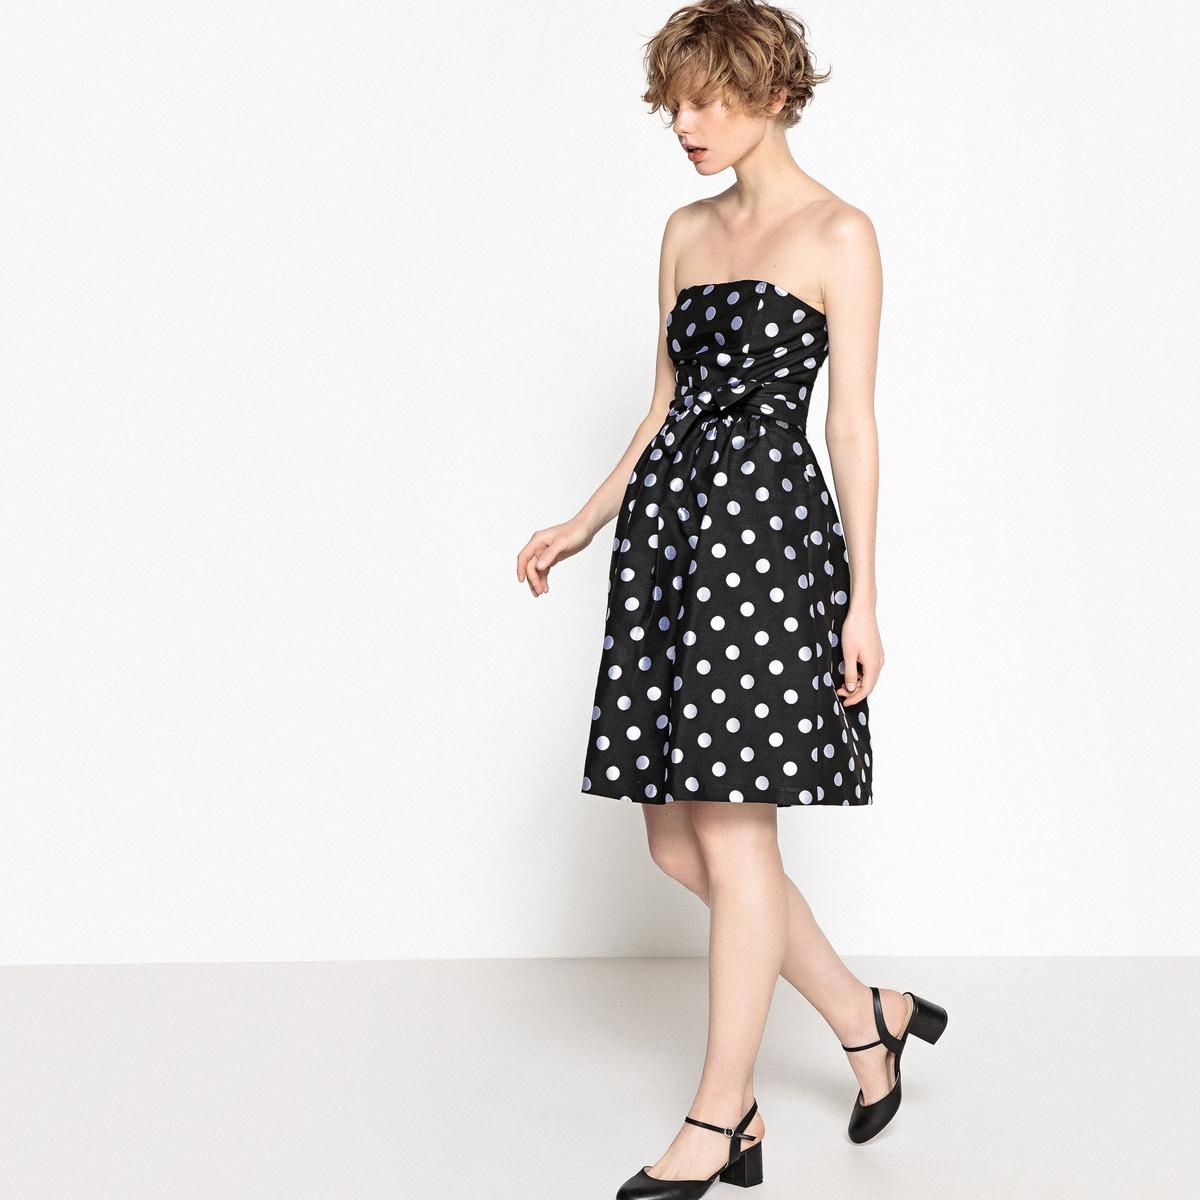 Платье-бюстье из жаккарда в горошек, пояс спереди viktoria irbaieva платье бюстье